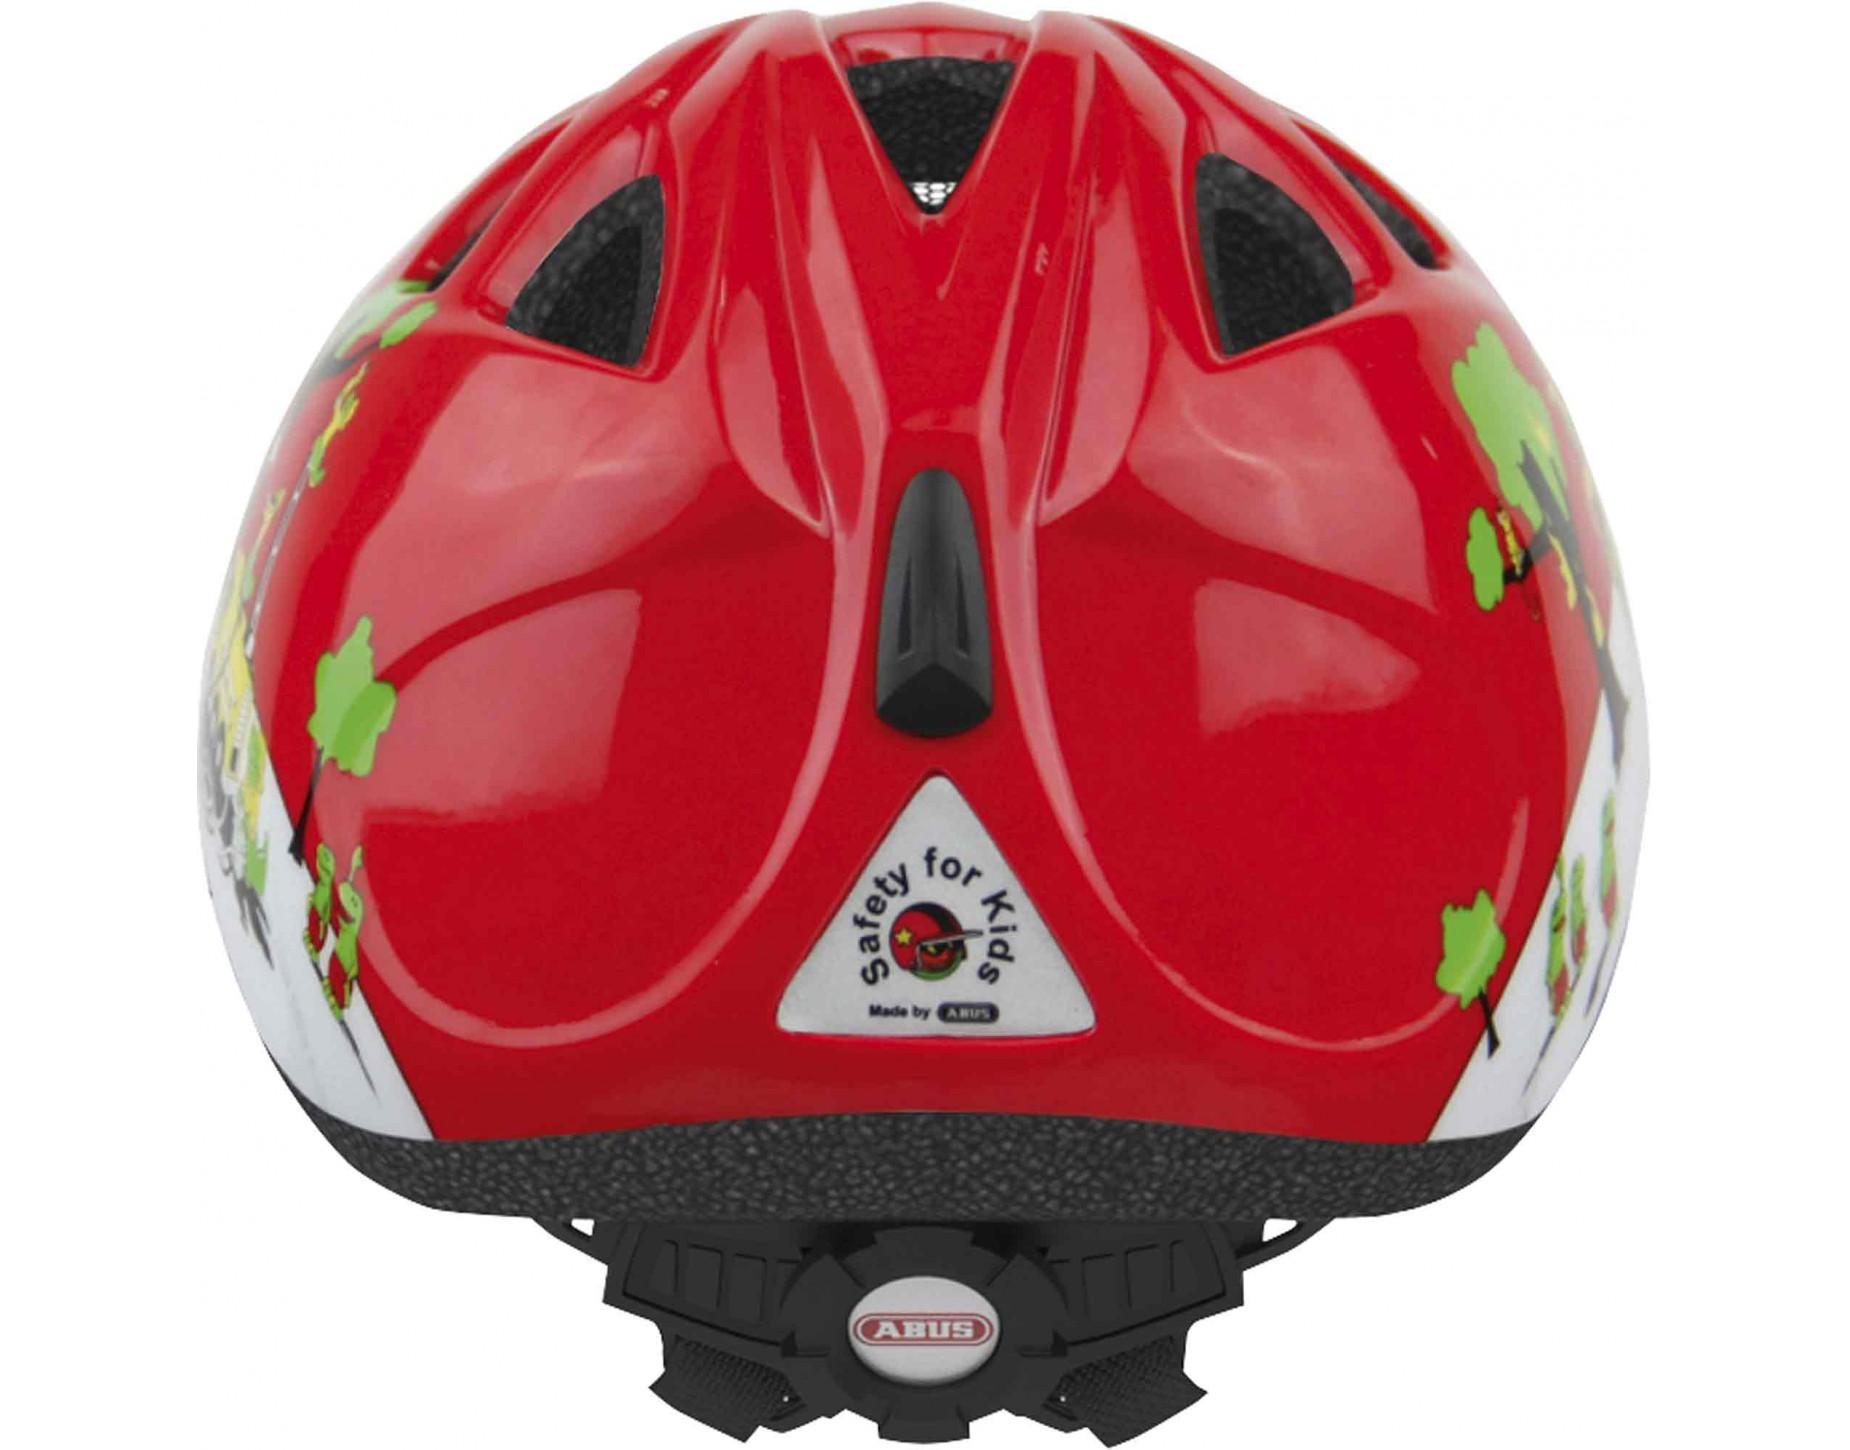 Качественный велосипедный шлем от немецкого производителя ABUS Smiley для детей. ZOOM- Точная регулировка шлема по размеру колесиком, защитная сетка от насекомых и веток, отражающие элементы для пассивной безопасности.